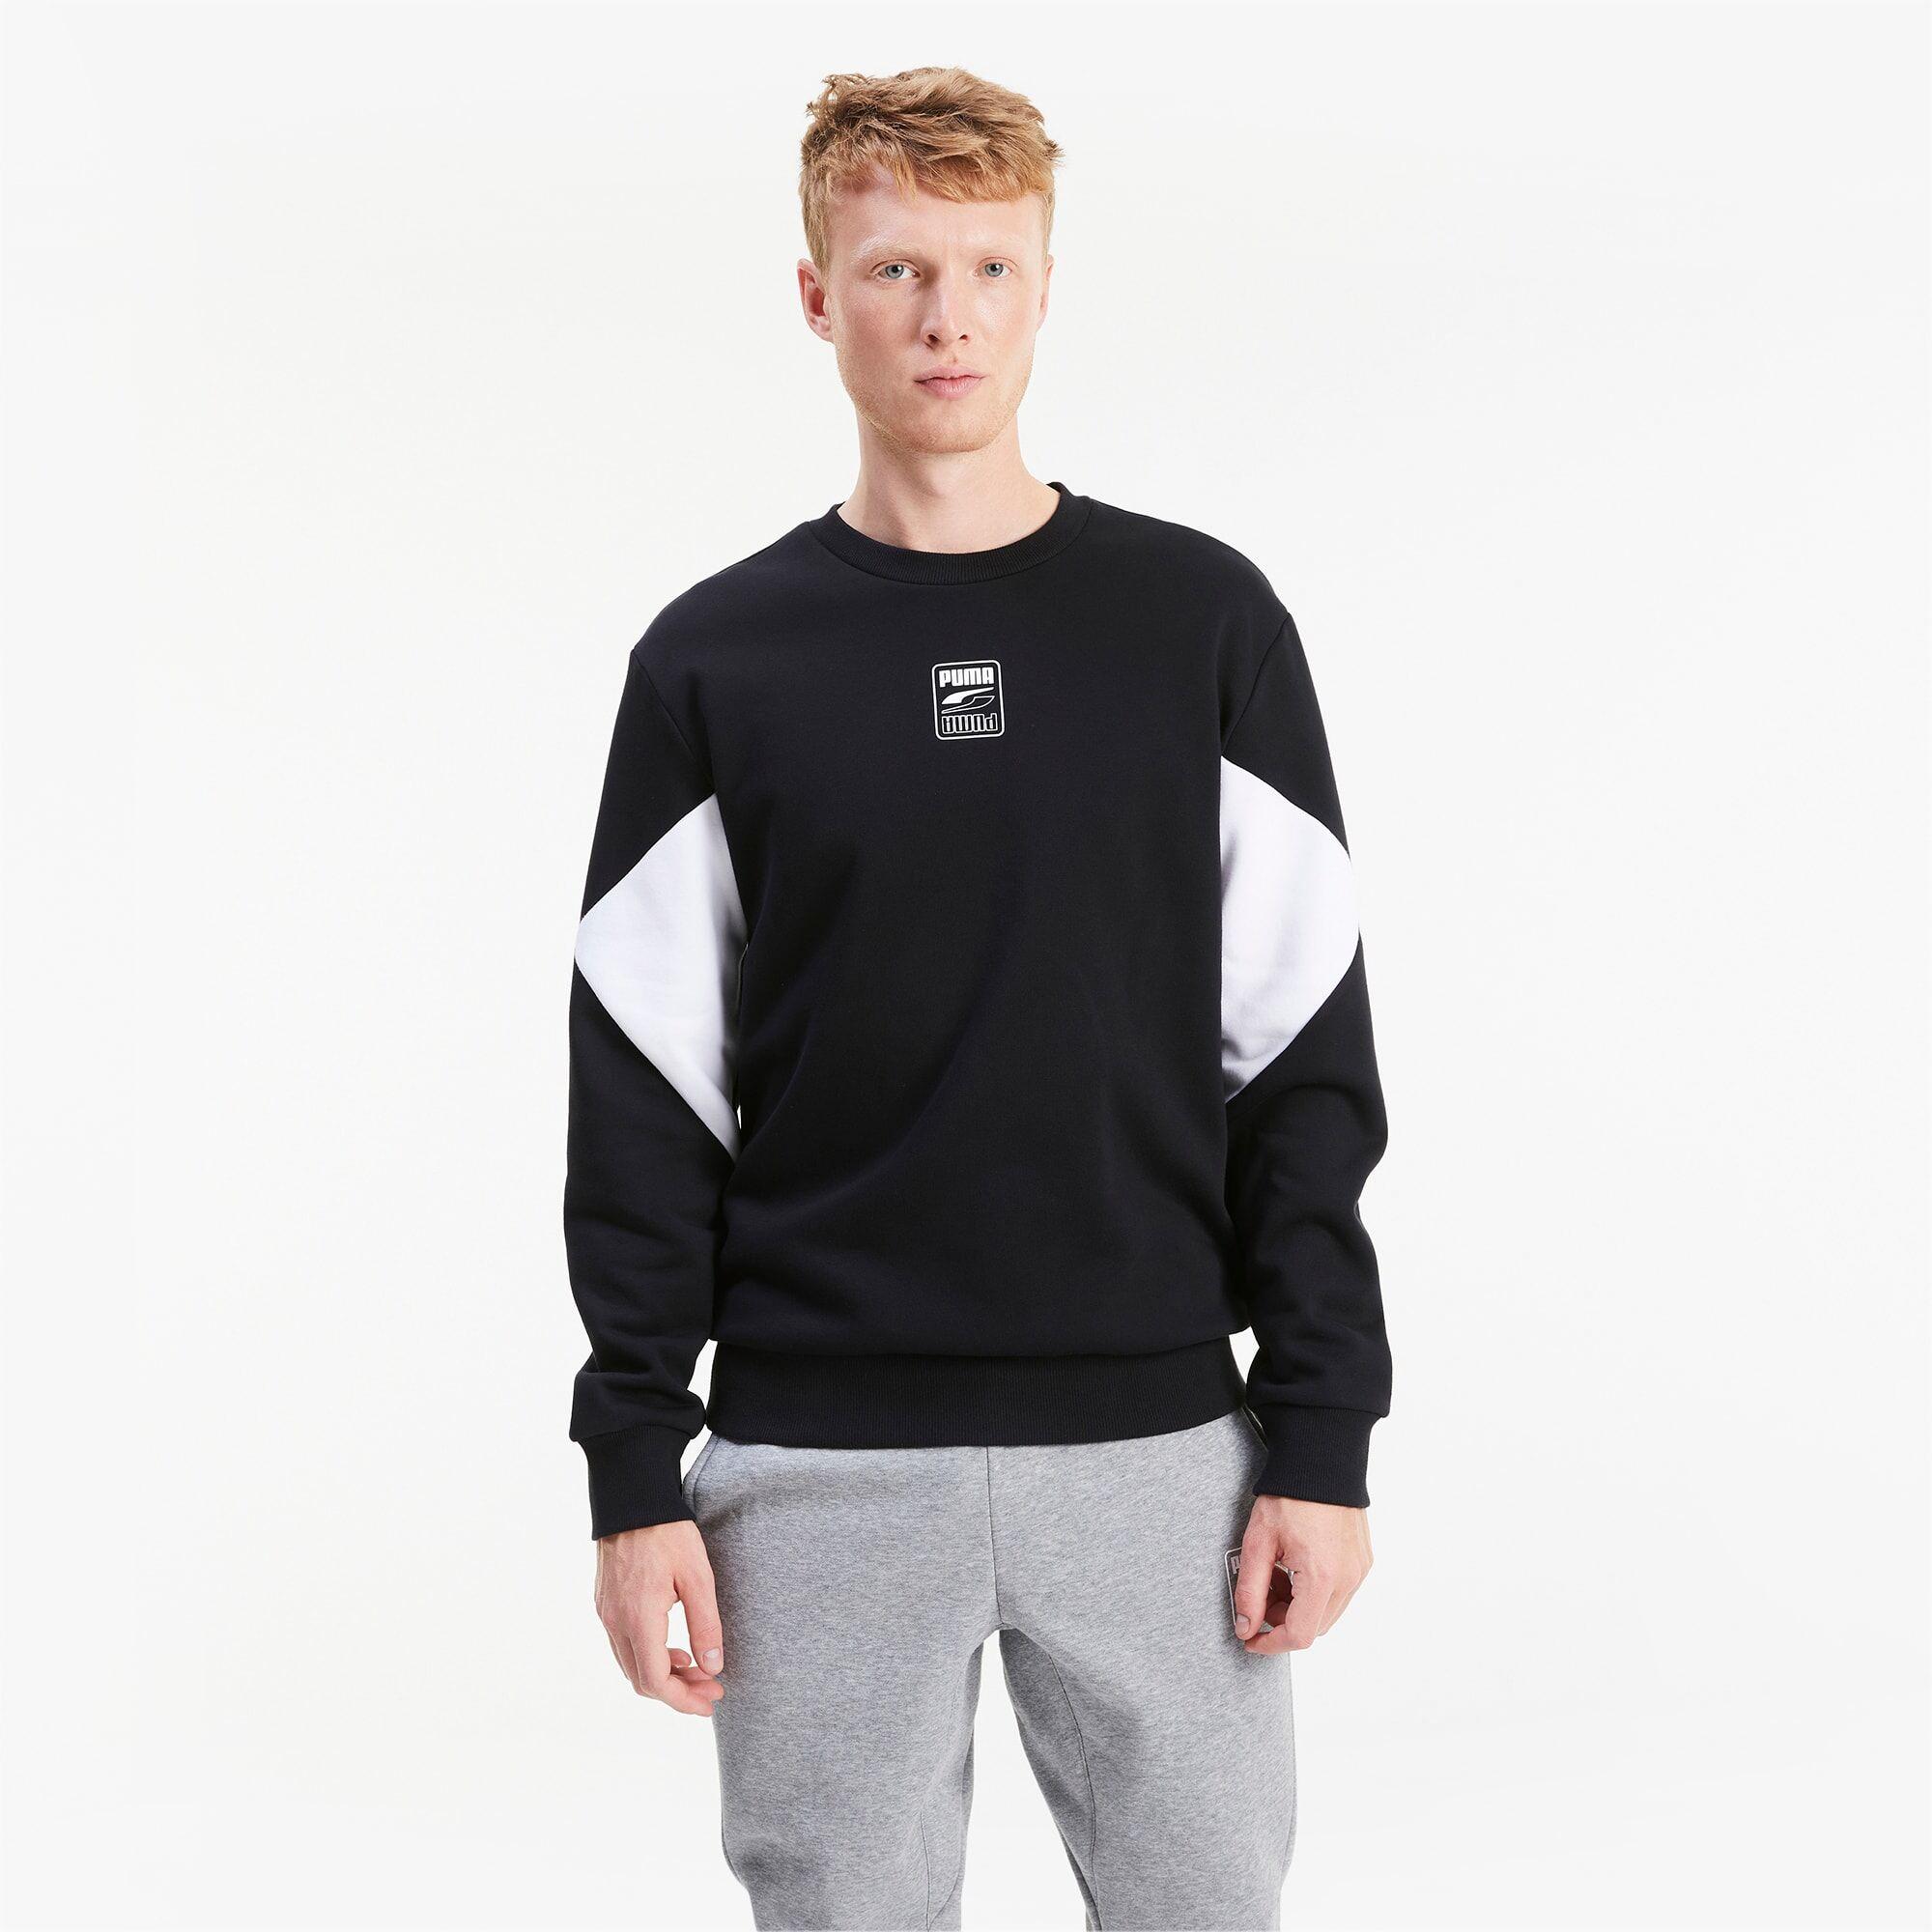 PUMA Sweat Rebel Small Logo pour Homme, Noir, Taille XL, Vêtements